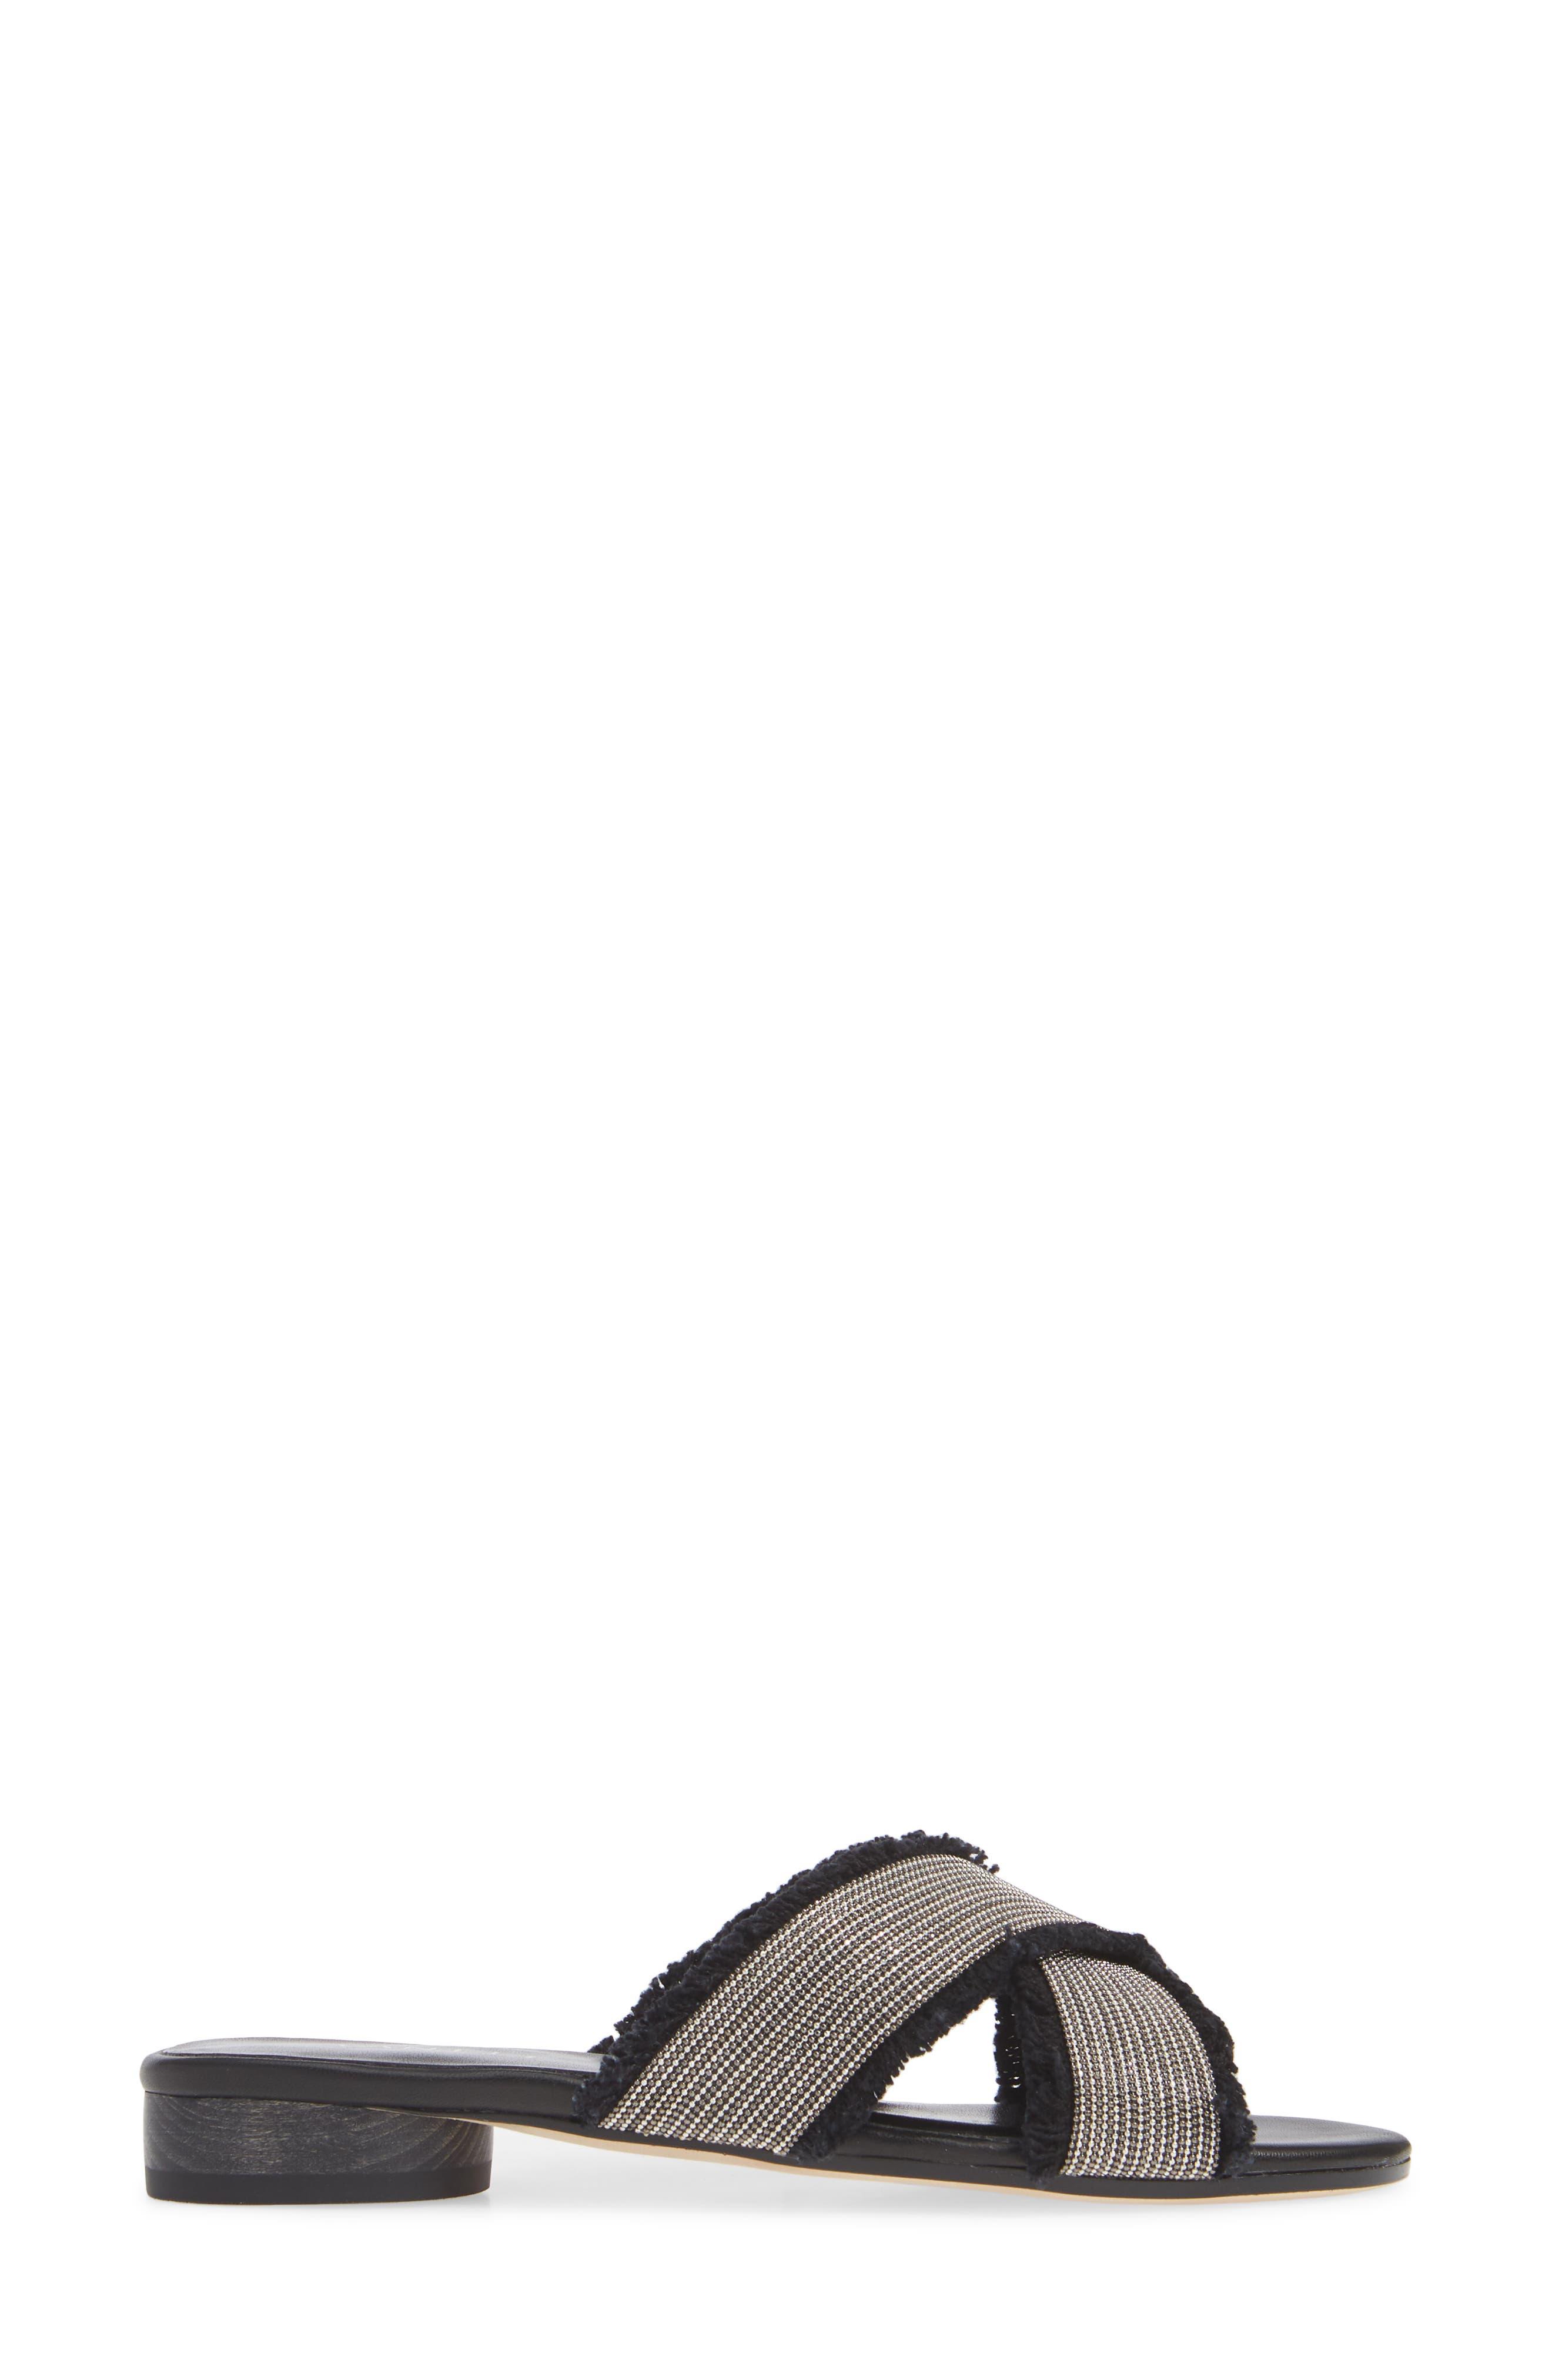 Baret Slide Sandal,                             Alternate thumbnail 3, color,                             BLACK FABRIC